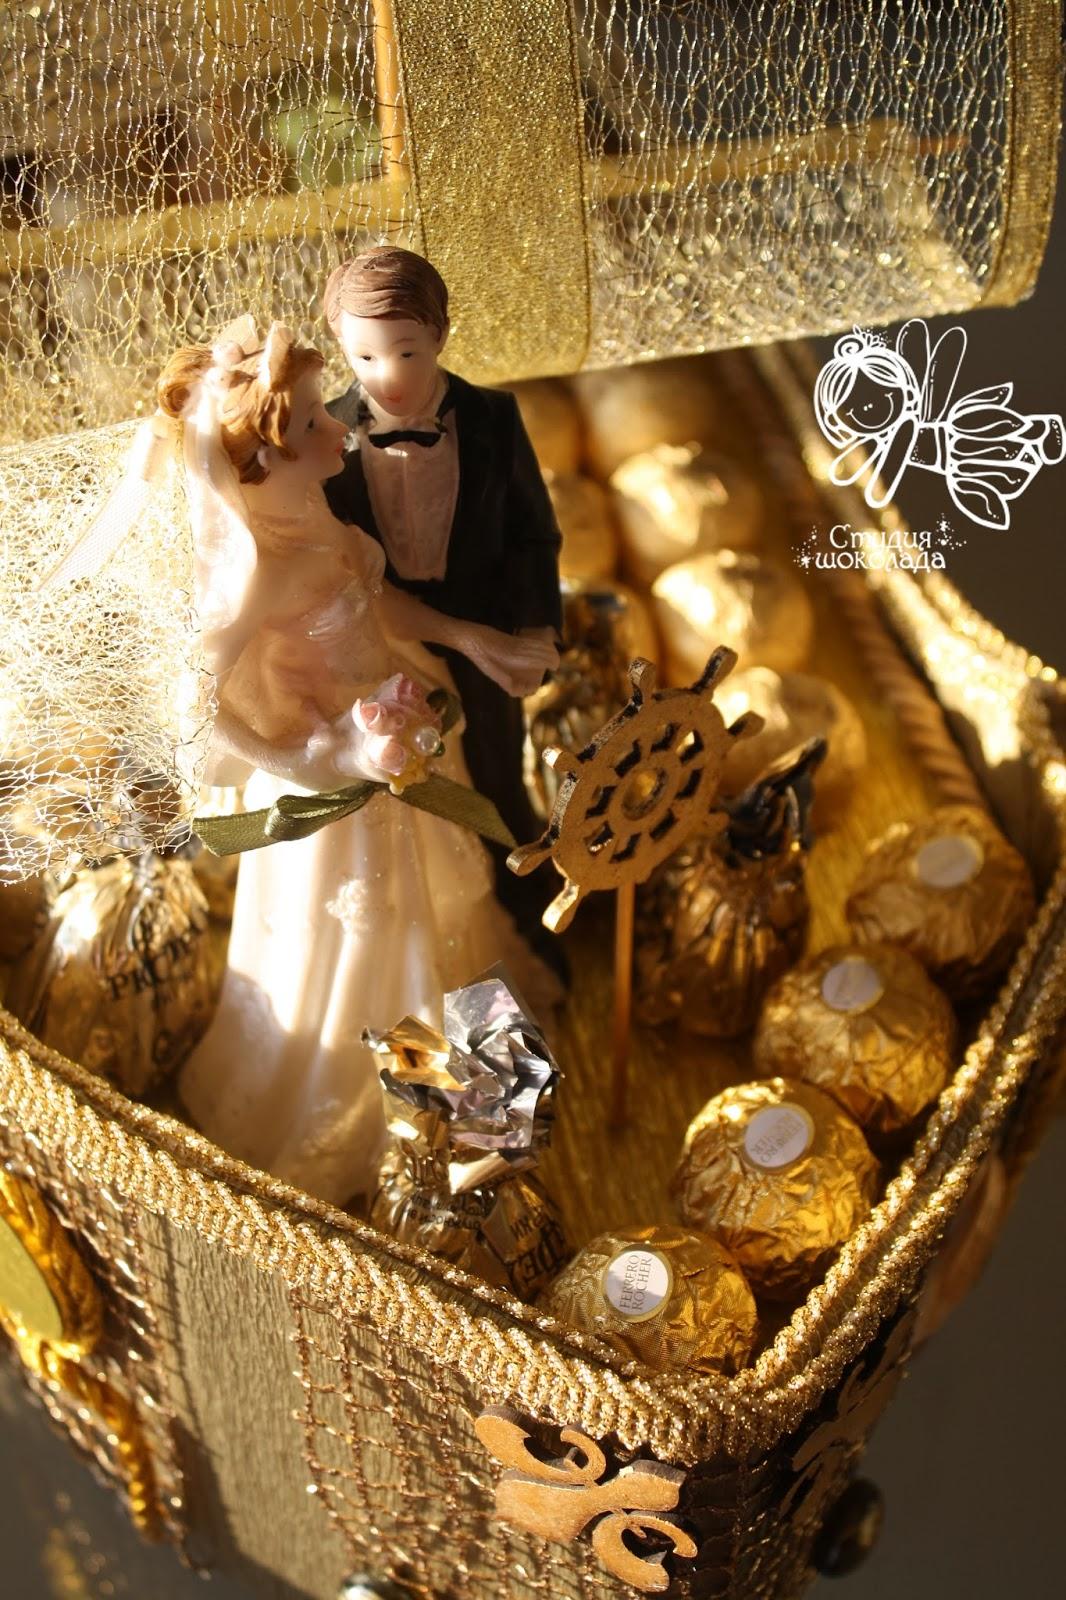 30 лет свадьбы подарки 15